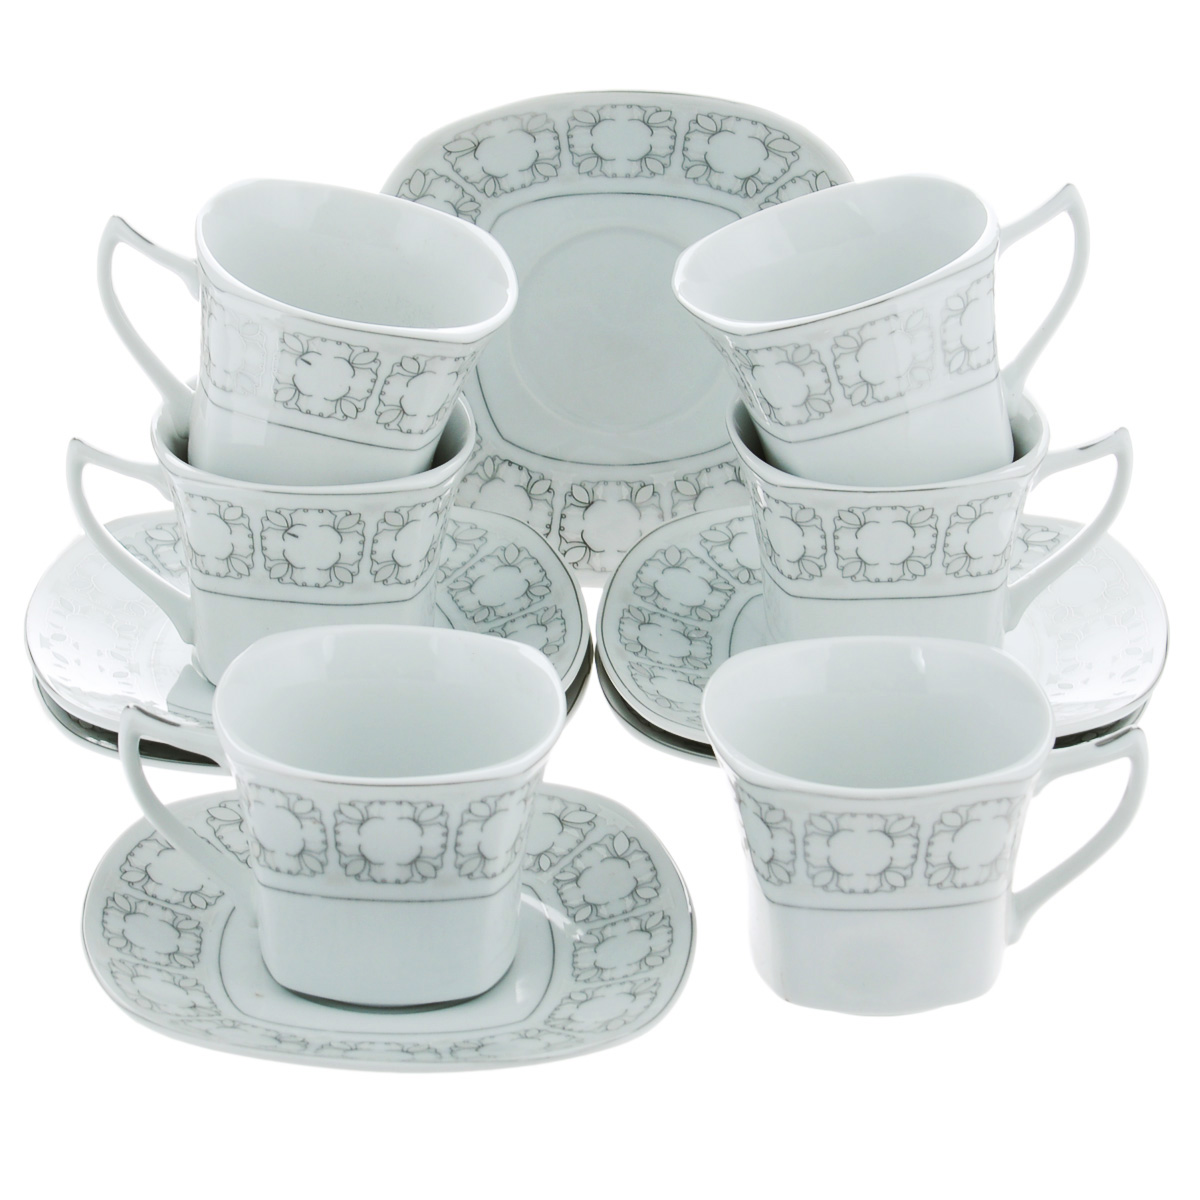 Набор чайный Bekker, 12 предметов. BK-5986VT-1520(SR)Чайный набор Bekker состоит из шести чашек и шести блюдец. Предметы набора изготовлены из высококачественного фарфора белого цвета и украшены серебристой эмалью. Изящный орнамент придает набору стильный внешний вид. Чайный набор роскошного дизайна украсит интерьер кухни. Прекрасно подойдет как для торжественных случаев, так и для ежедневного использования.Набор упакован в подарочную картонную коробку серебристого цвета. Подходит для мытья в посудомоечной машине. Объем чашки: 150 мл. Размер чашки (по верхнему краю): 8 см х 8 см. Высота чашки: 6,5 см. Размер блюдца: 14 см х 14 см.